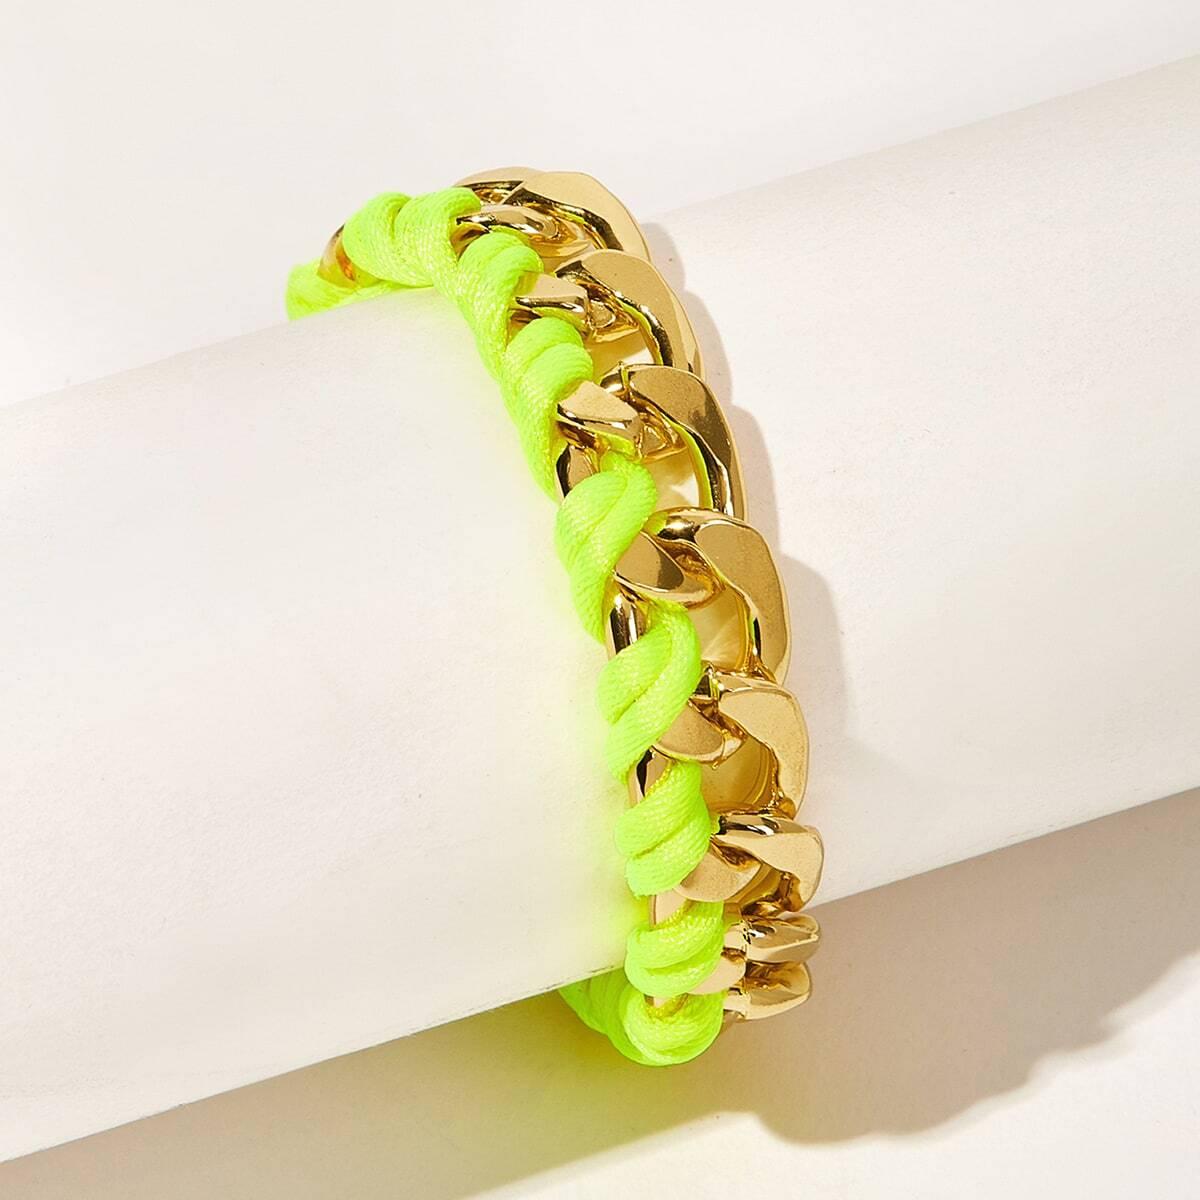 Zweifarbige Schnur & Metall gewebtes Armband 1 Stück